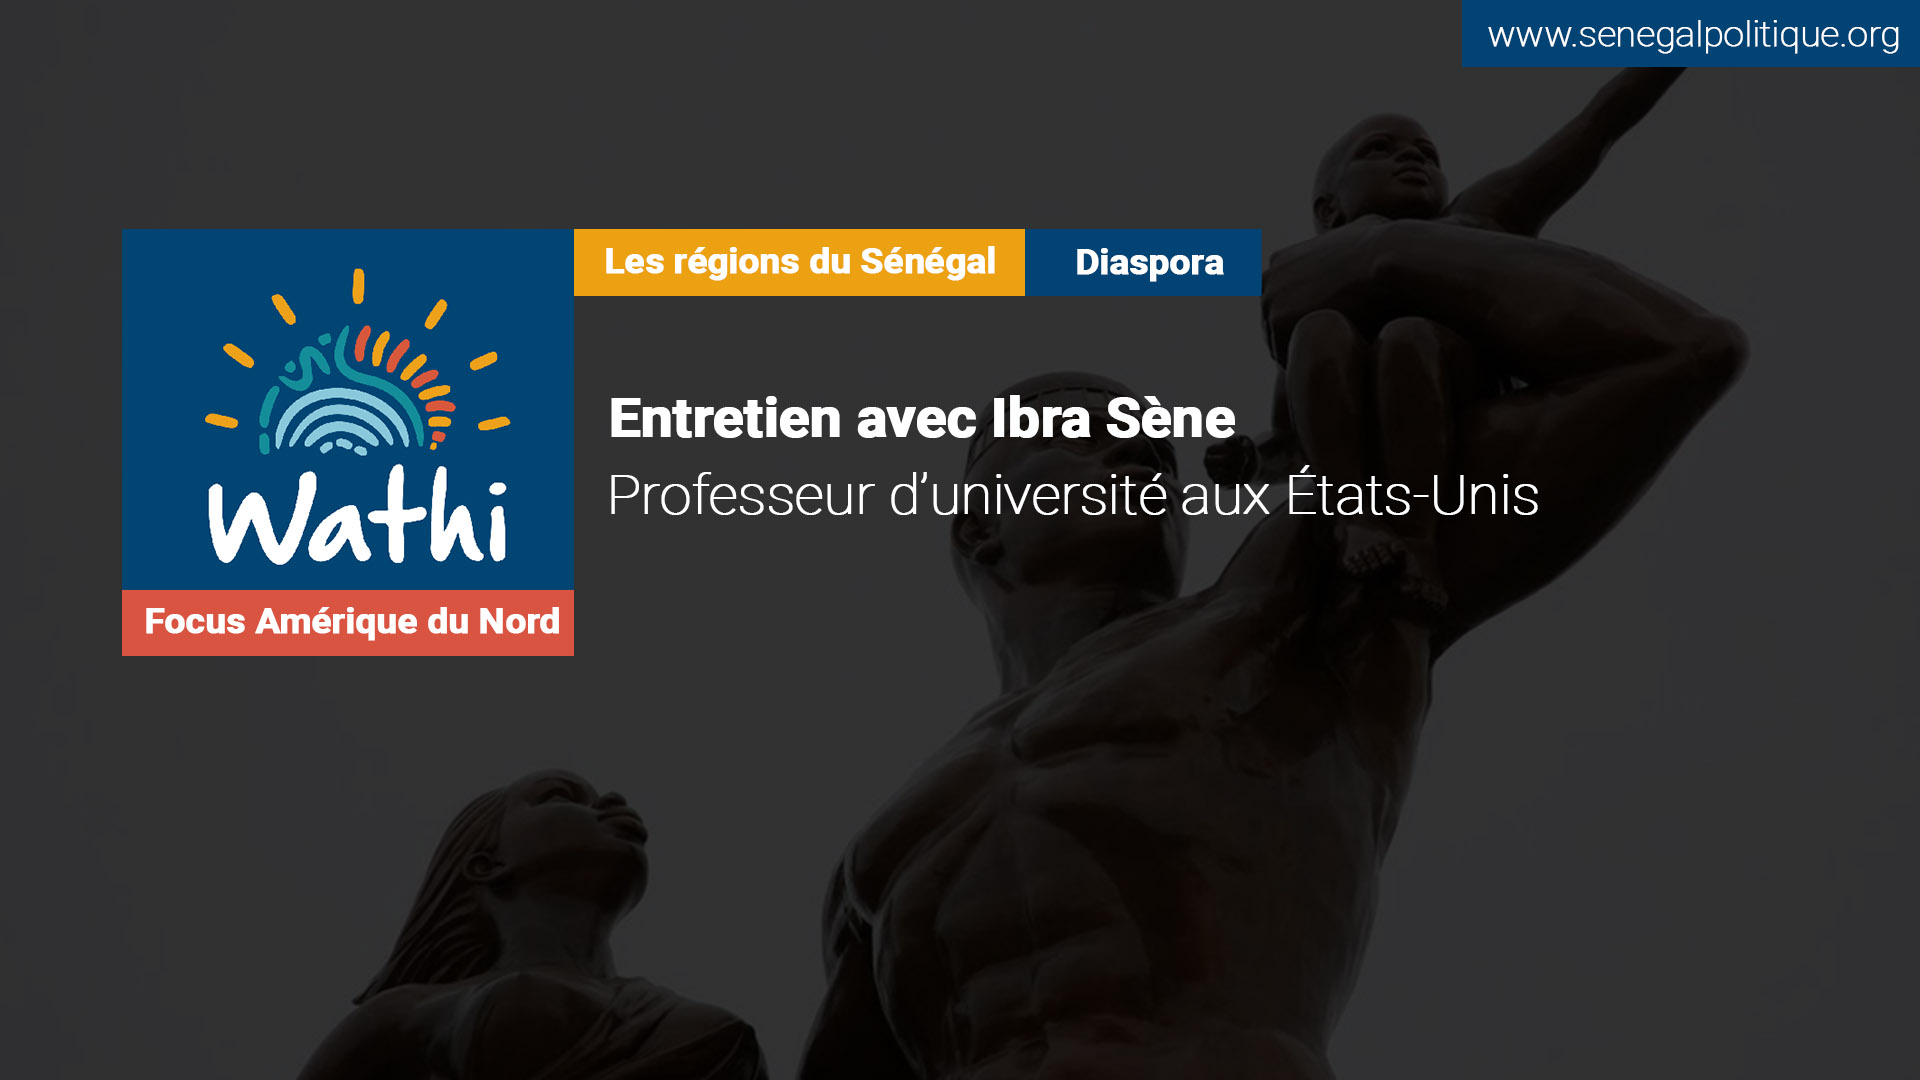 Ibra Sène, Professeur d'université aux États-Unis:«Il faut une «décolonisation» et une restructuration de l'université sénégalaise»